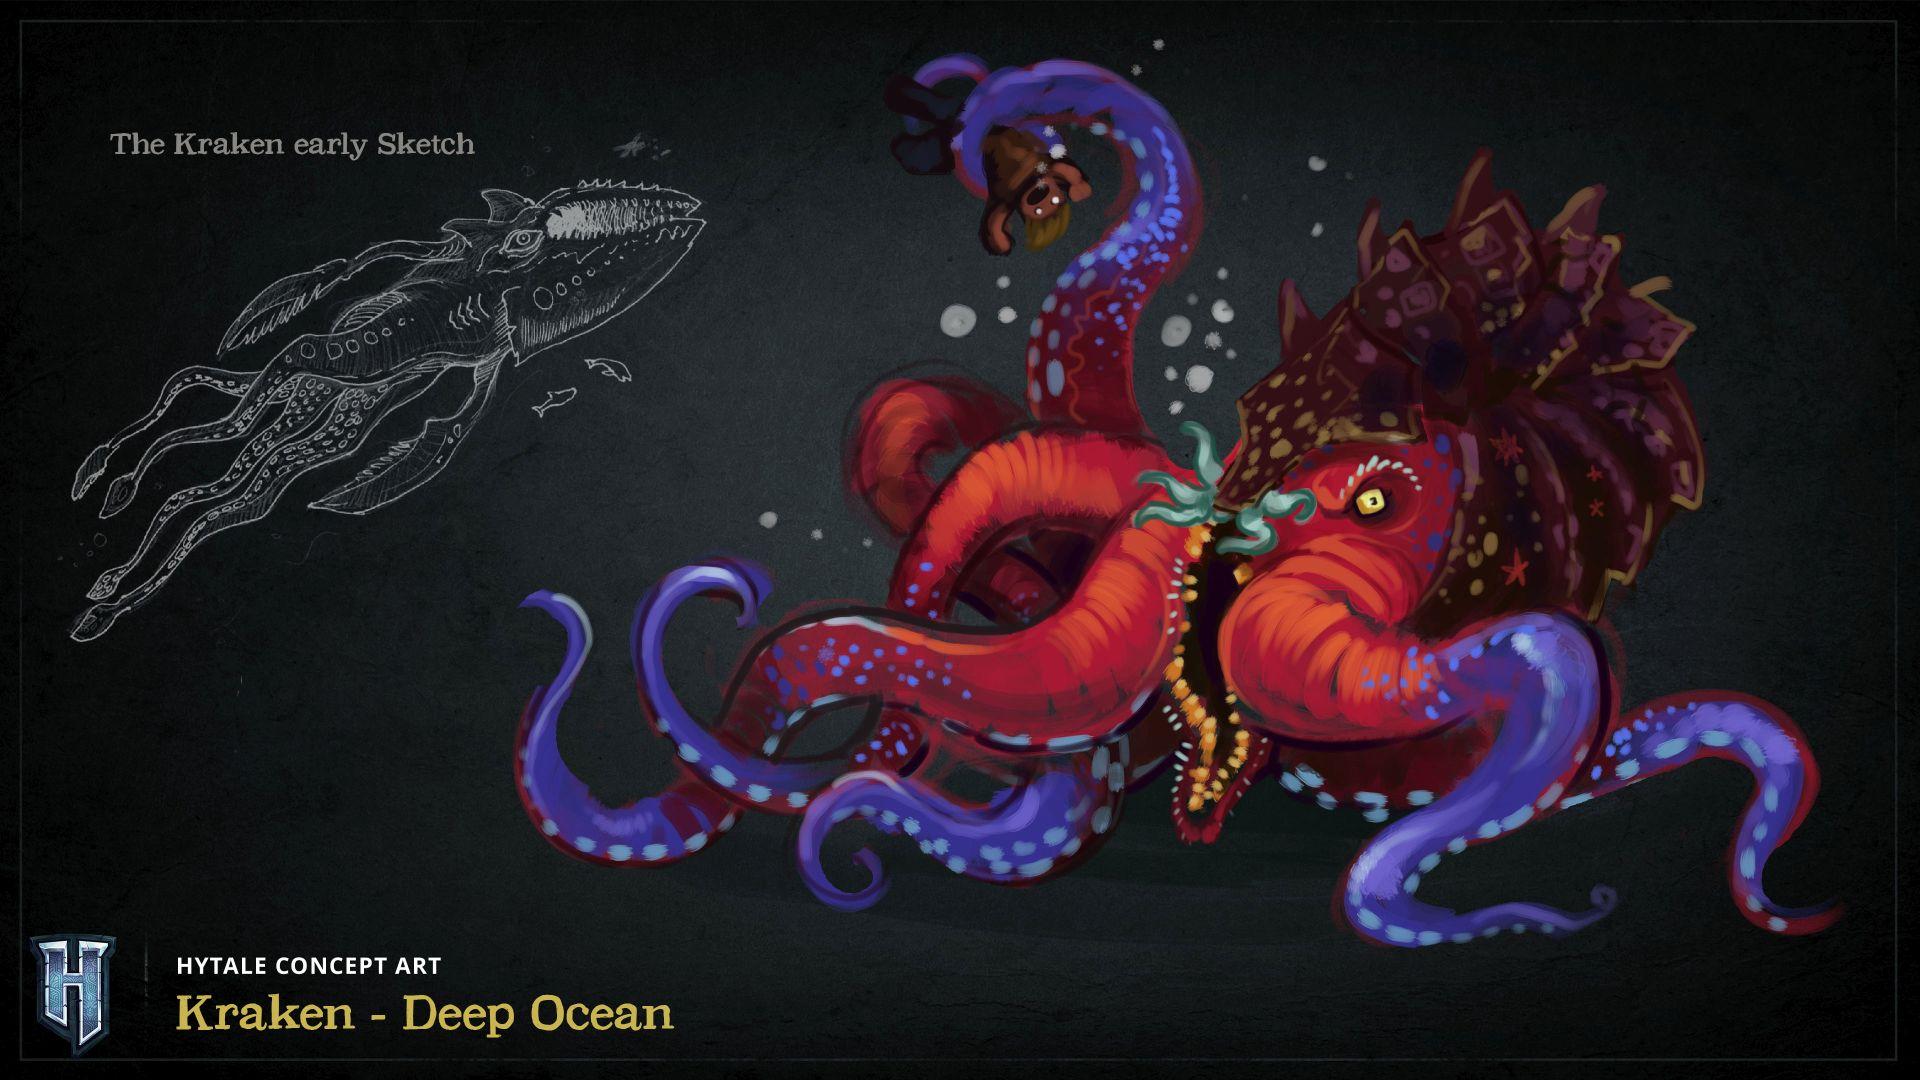 Dessin qui représente le Kraken dans Hytale